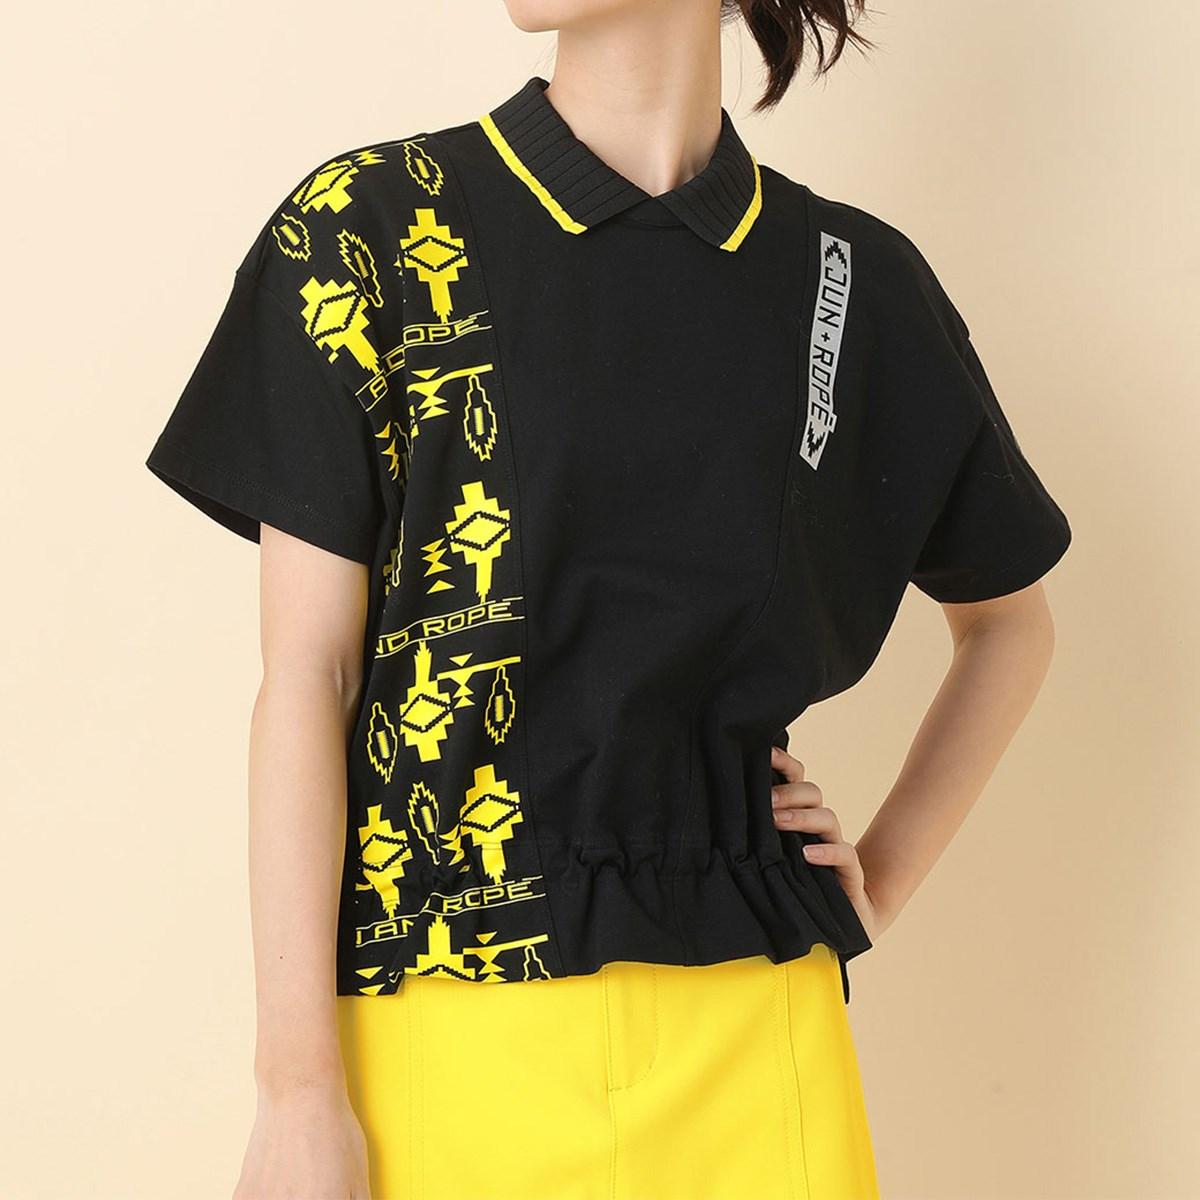 ジュン アンド ロペ JUN & ROPE UV ポロ衿ギャザリング半袖プルオーバー S ブラック 01 レディス